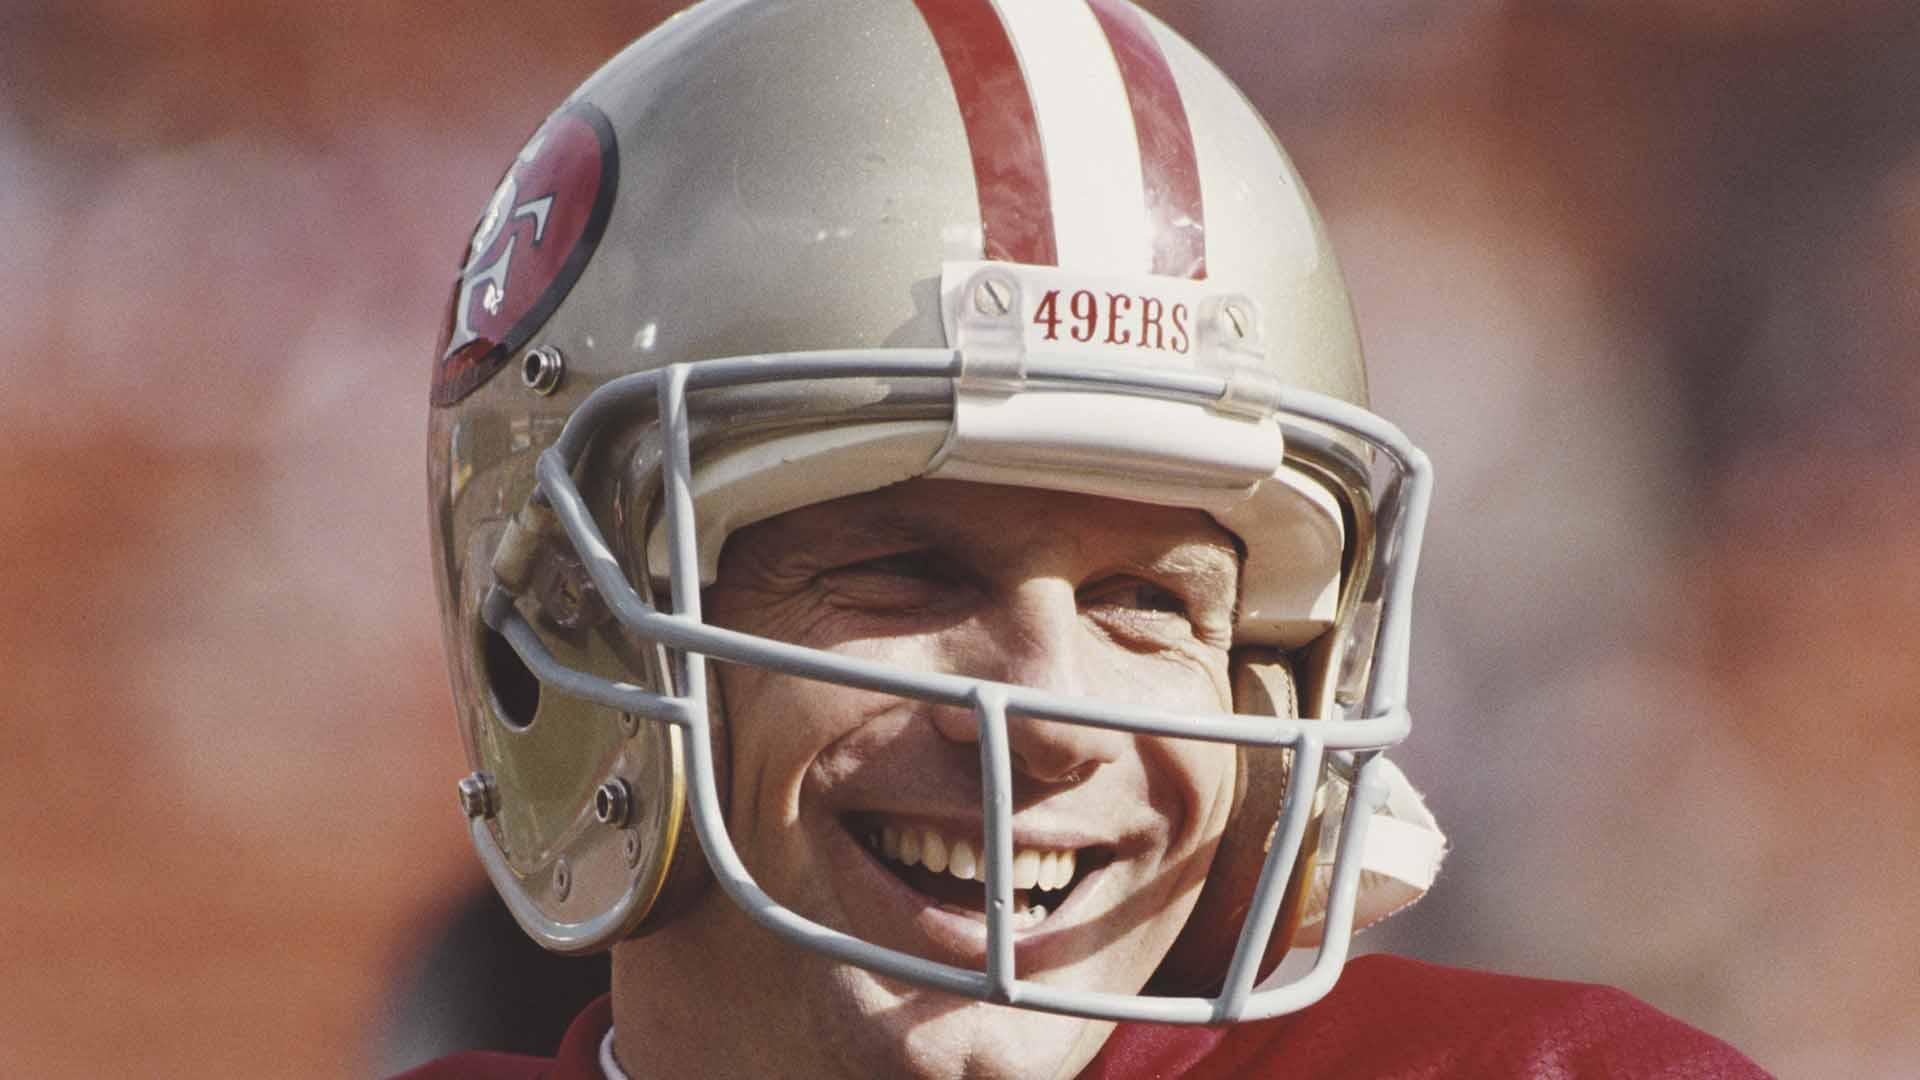 Melhores quarterbacks do San Francisco 49ers